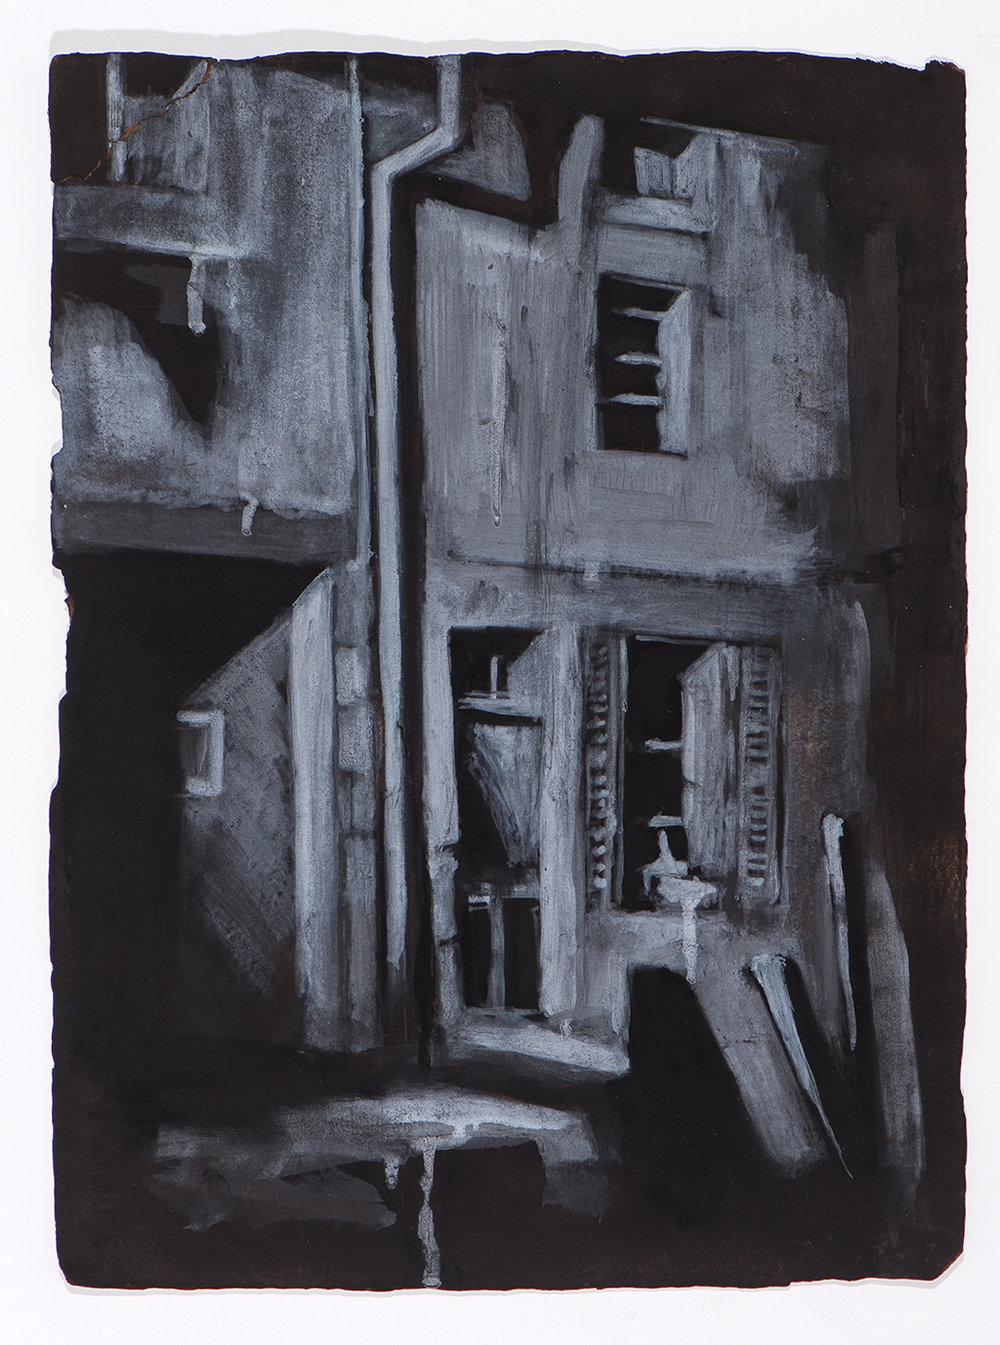 Pazderka - Orquevaux Rue de l'Eglise - 11x15.jpg